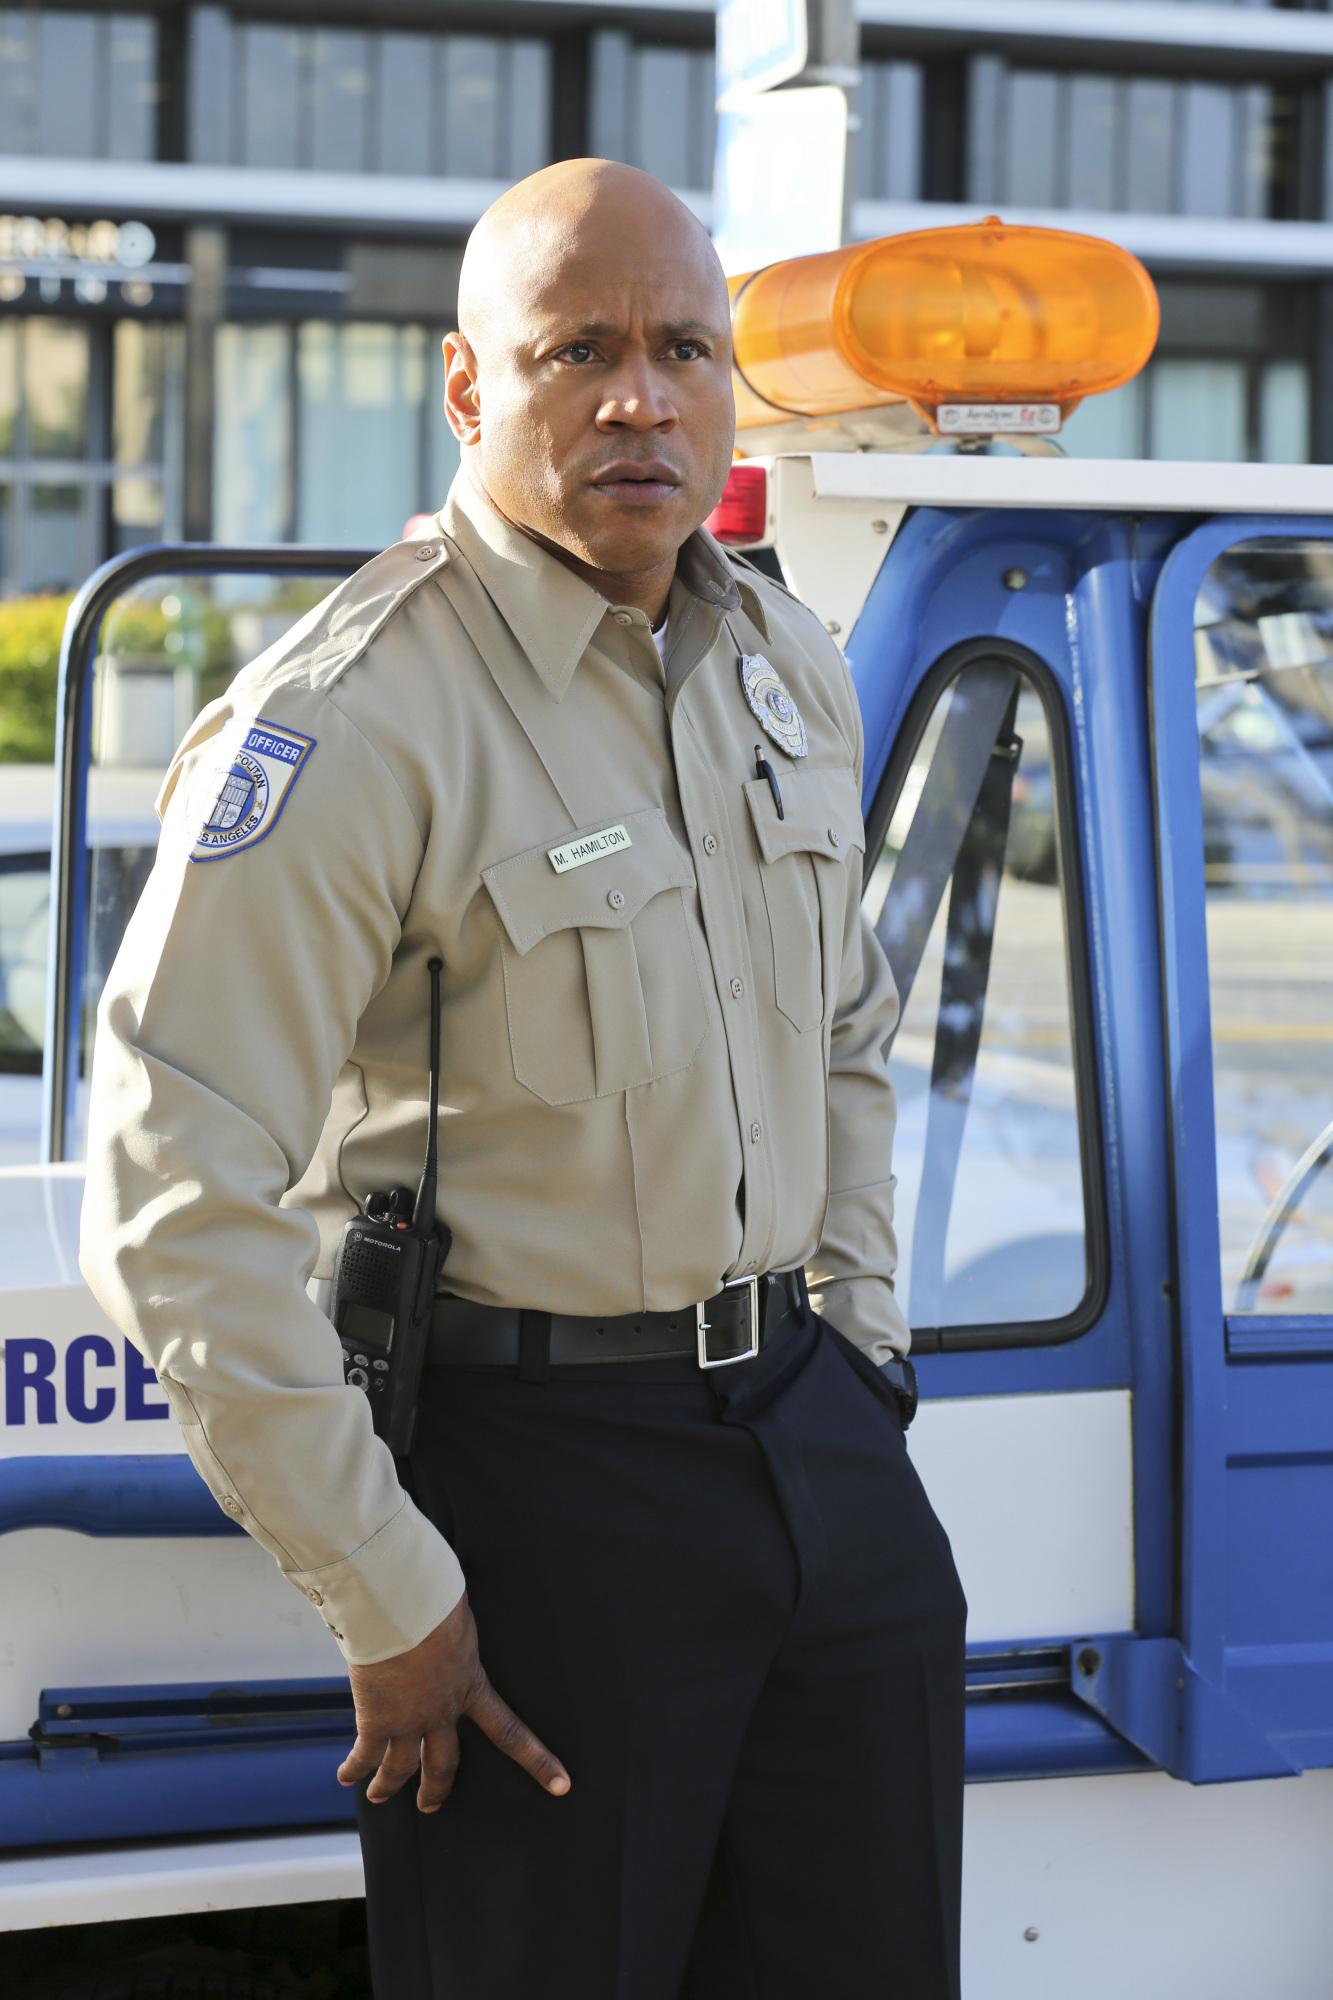 Man in Uniform in